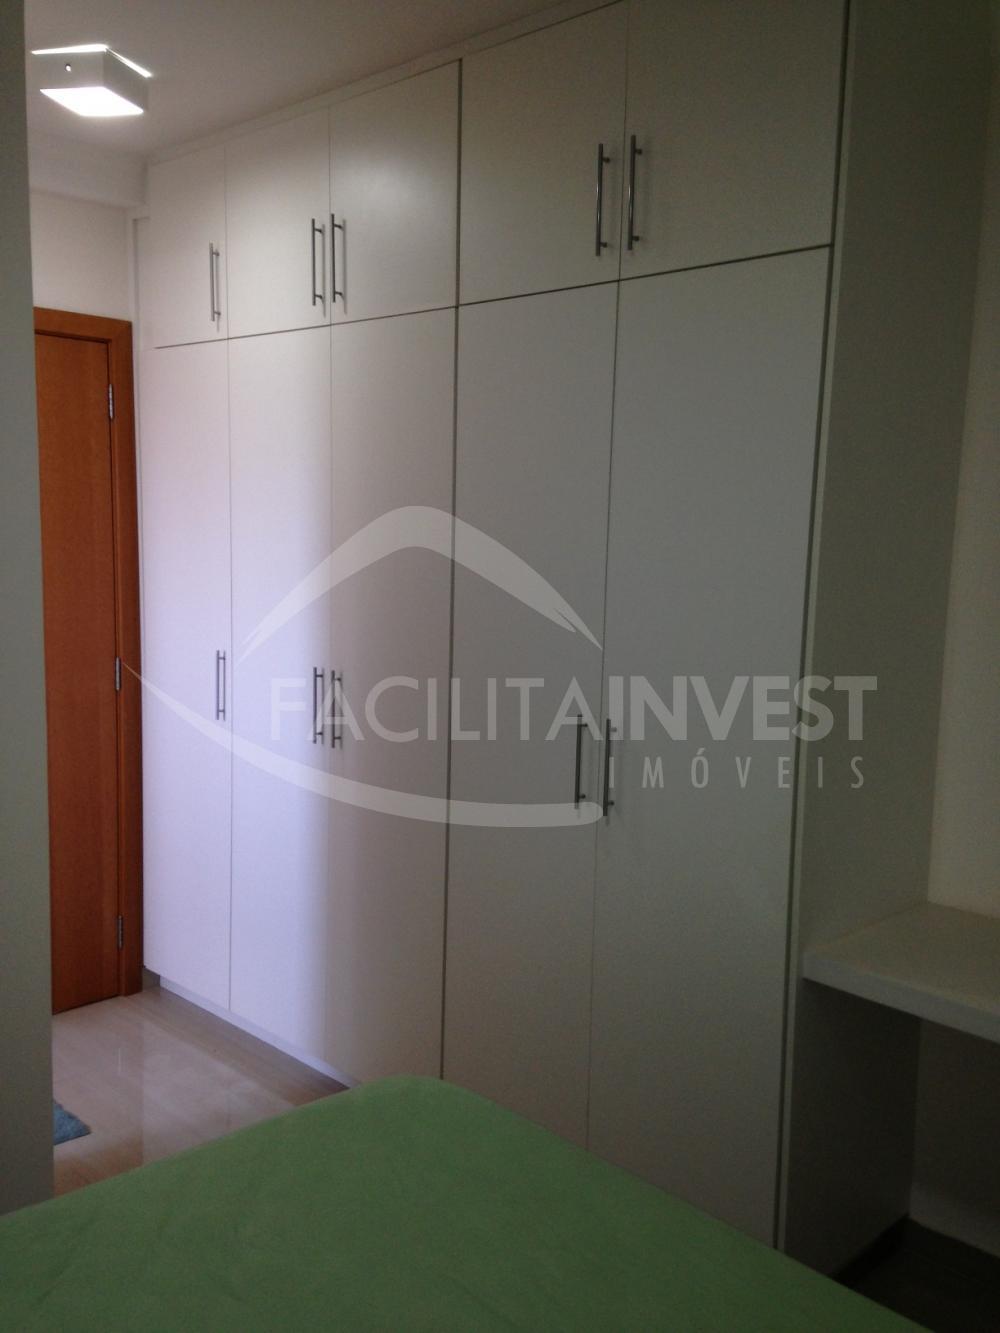 Alugar Apartamentos / Apart. Padrão em Ribeirão Preto R$ 1.400,00 - Foto 19